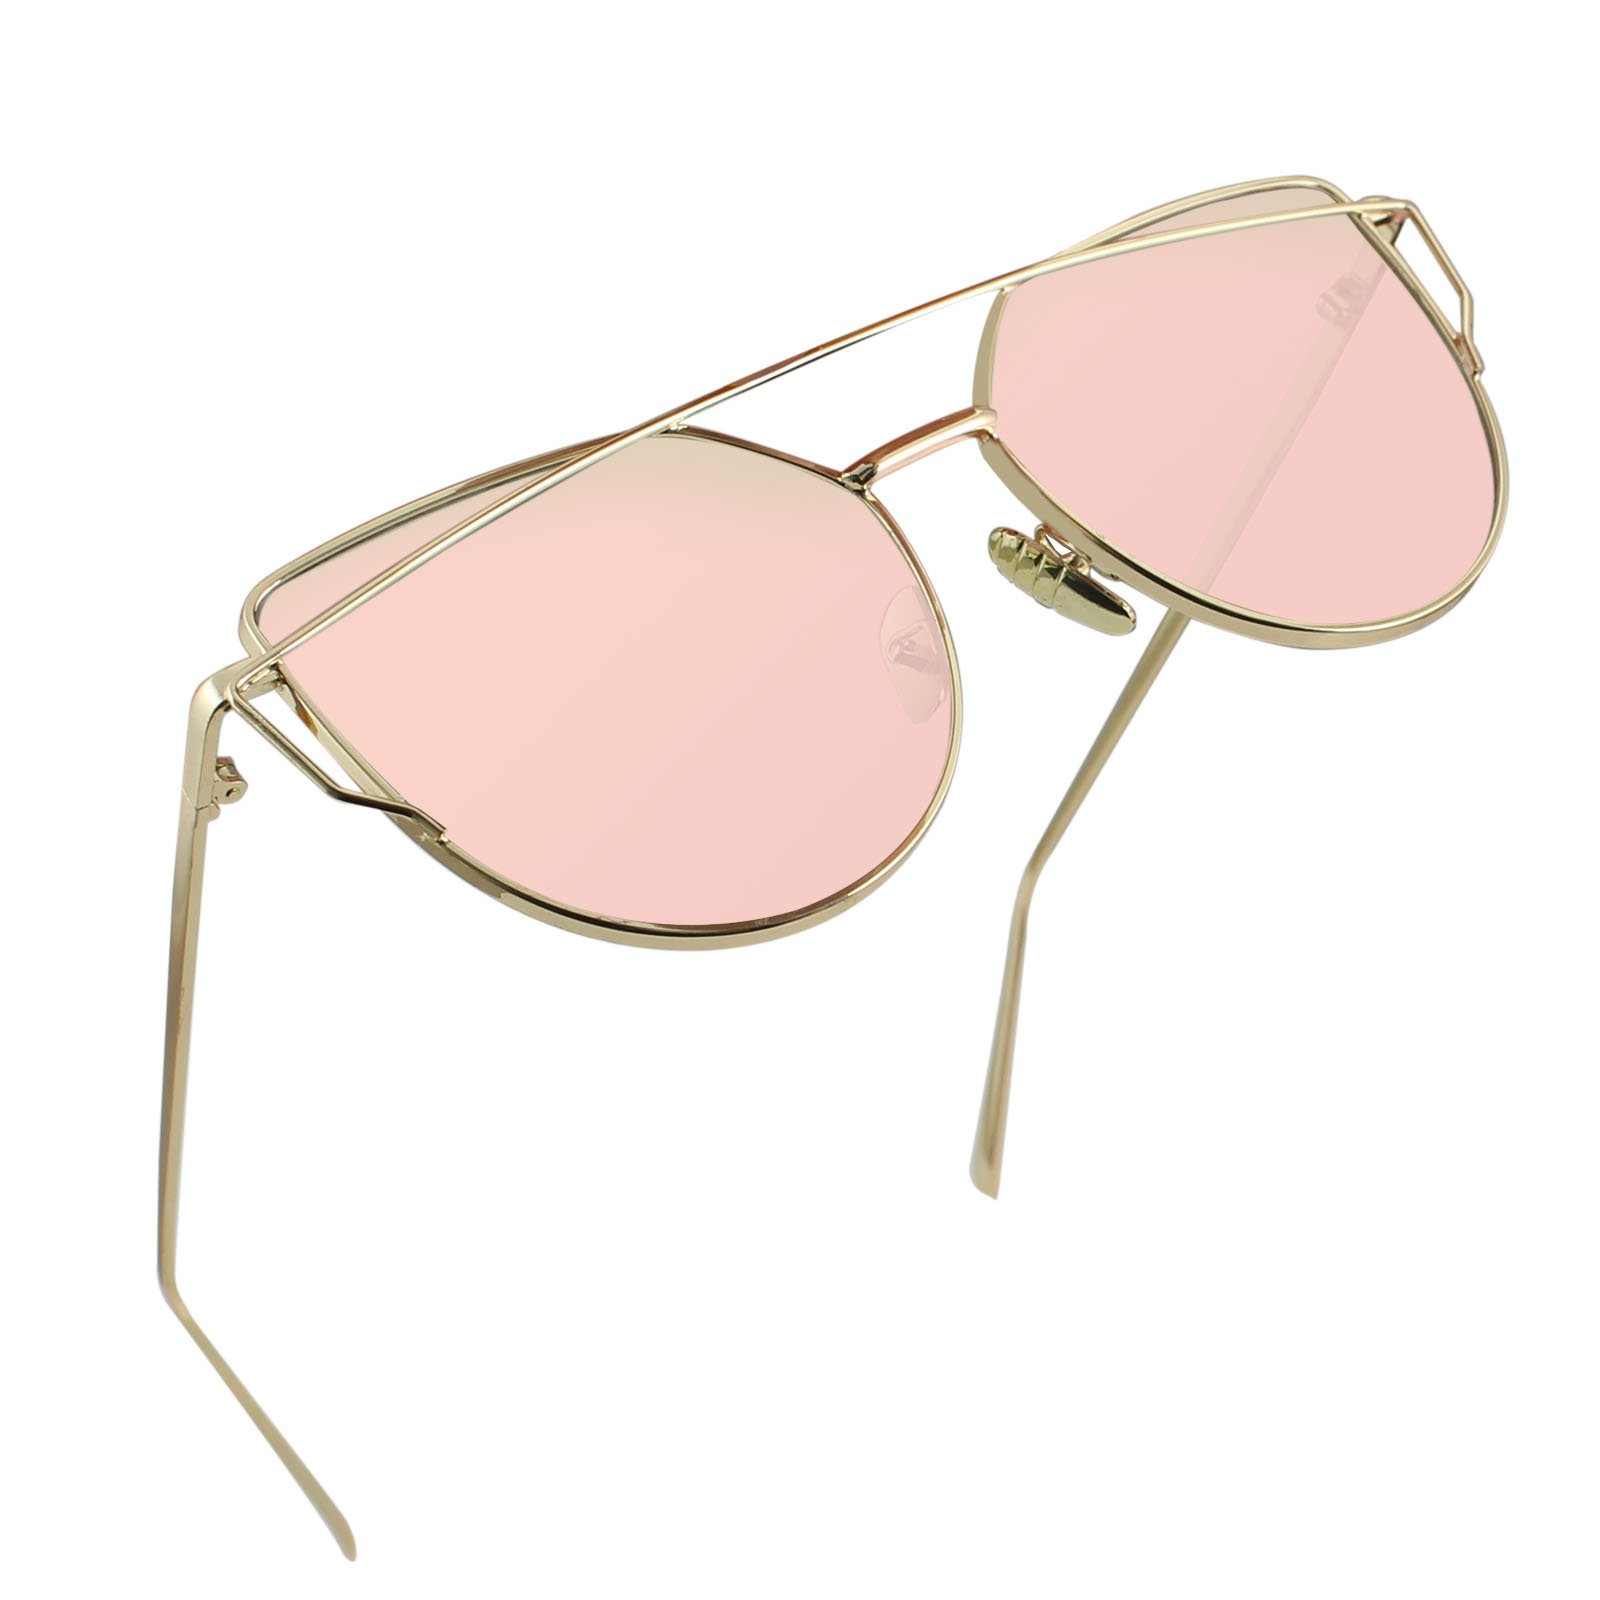 LIVHO G |Cat Eye Mirrored Flat Lenses Street Fashion Metal Frame Women Sunglasses